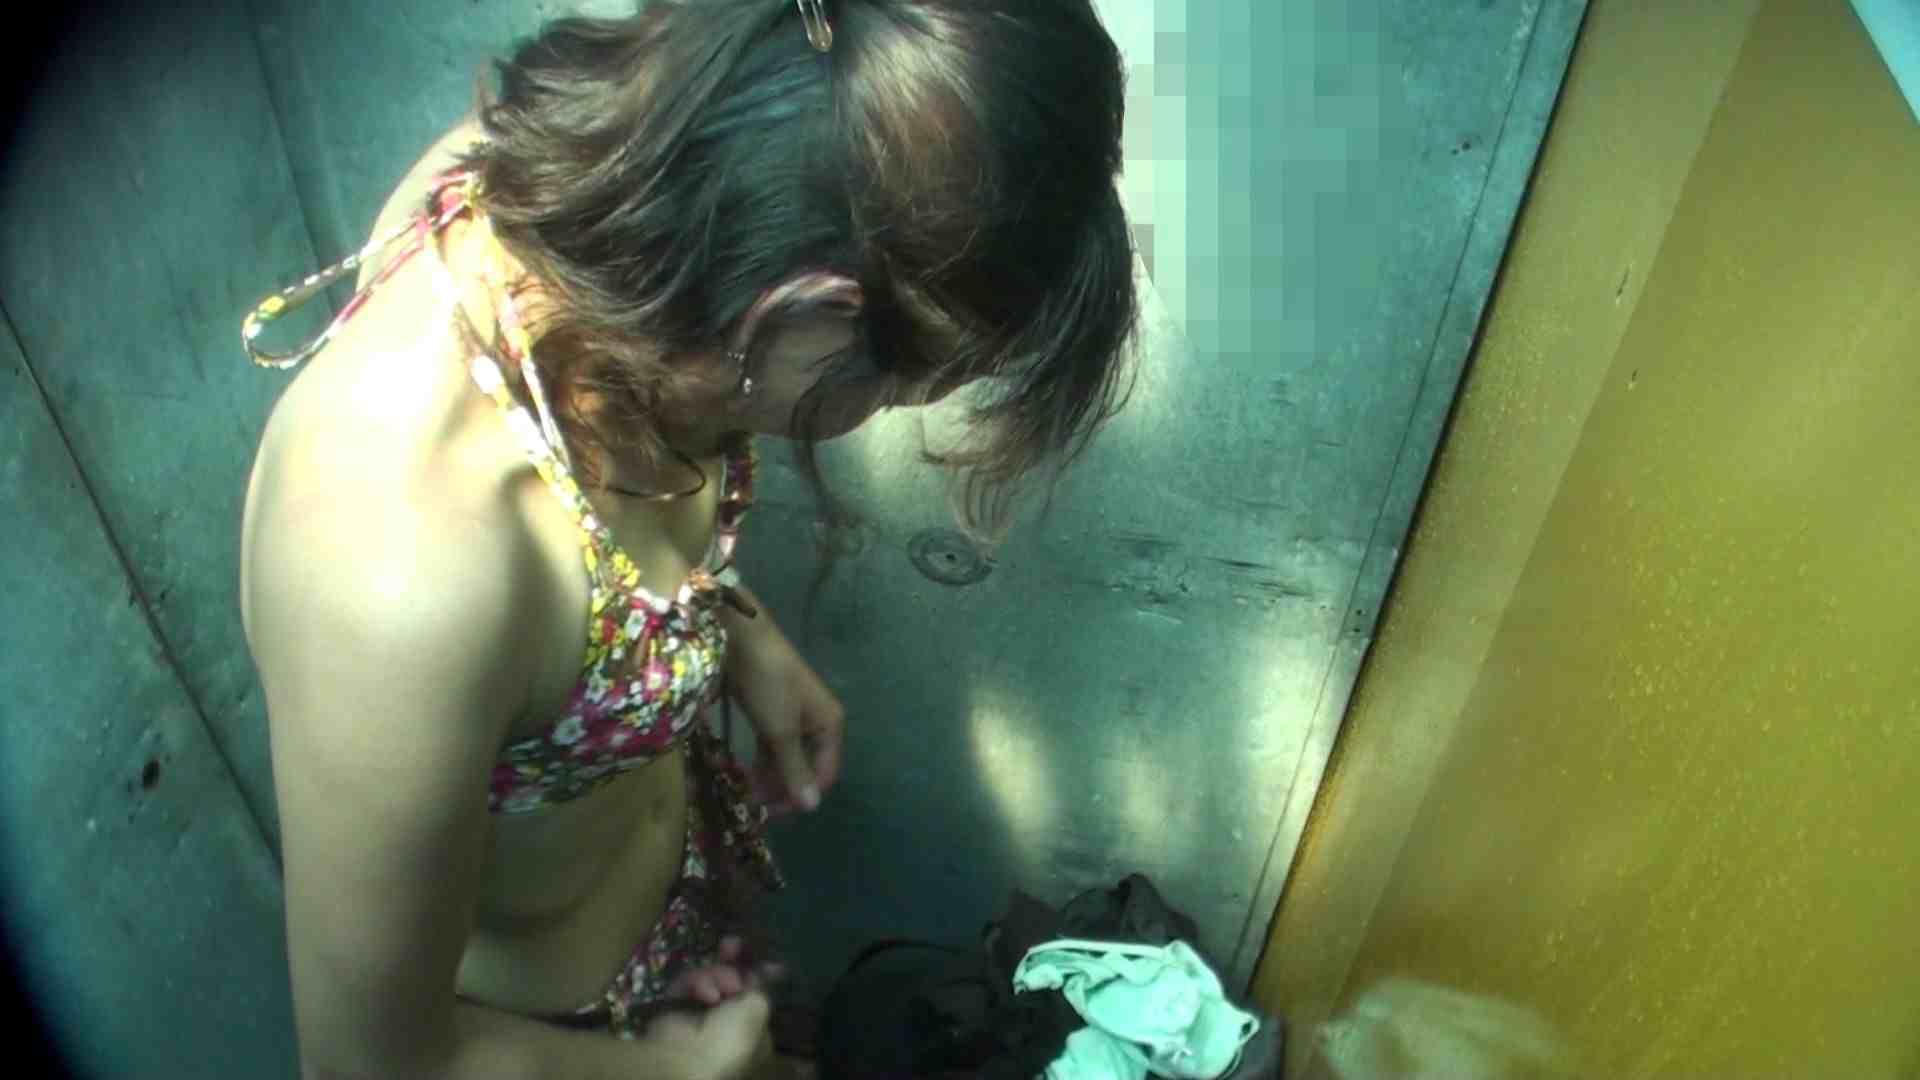 シャワールームは超!!危険な香りVol.16 意外に乳首は年増のそれ 乳首ポロリ  108画像 52